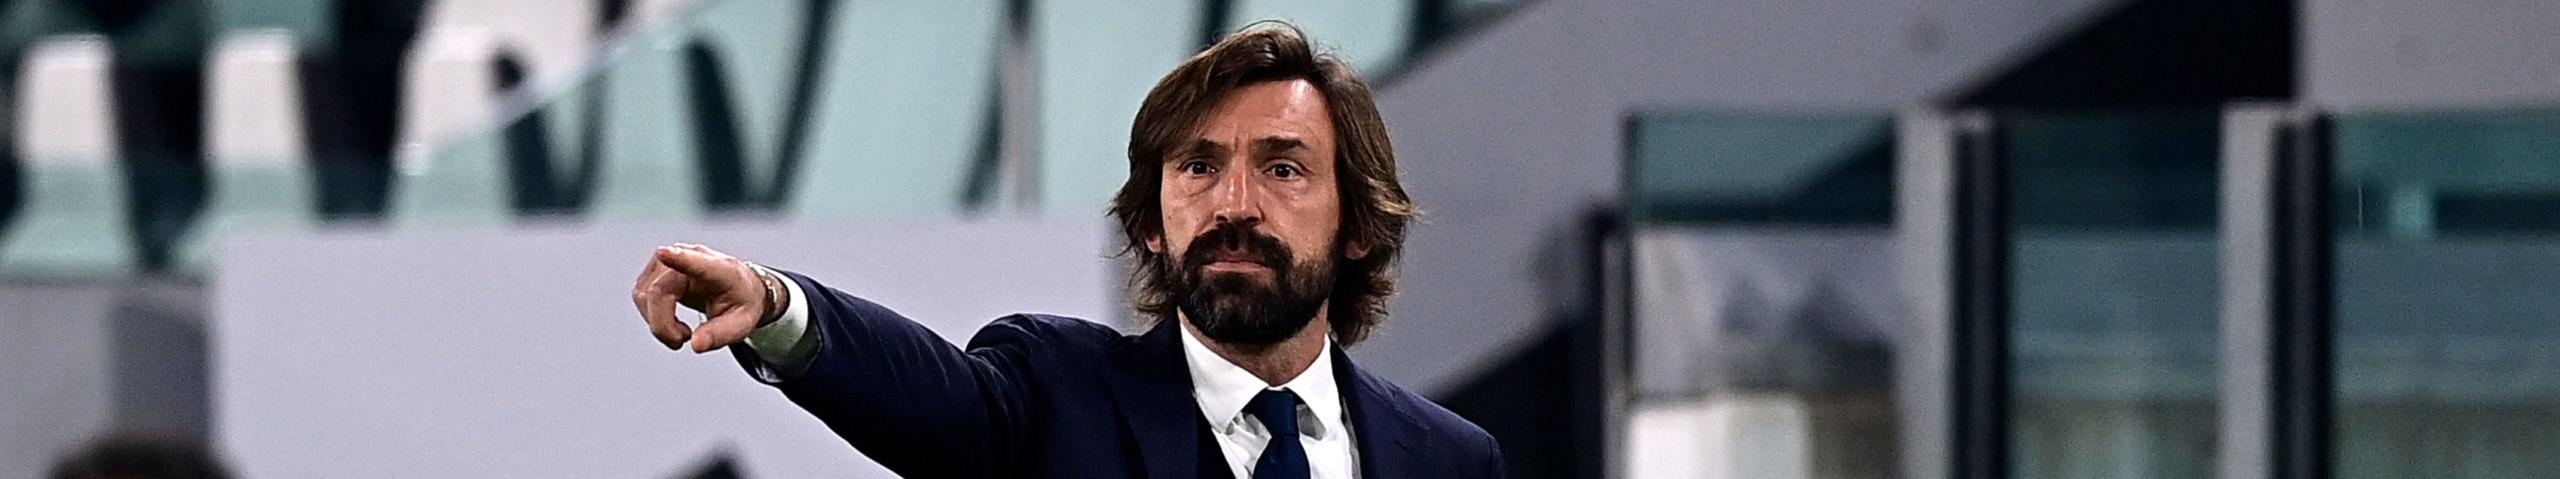 Verona-Juventus, Pirlo con tanti assenti: ma contro l'Hellas servono conferme